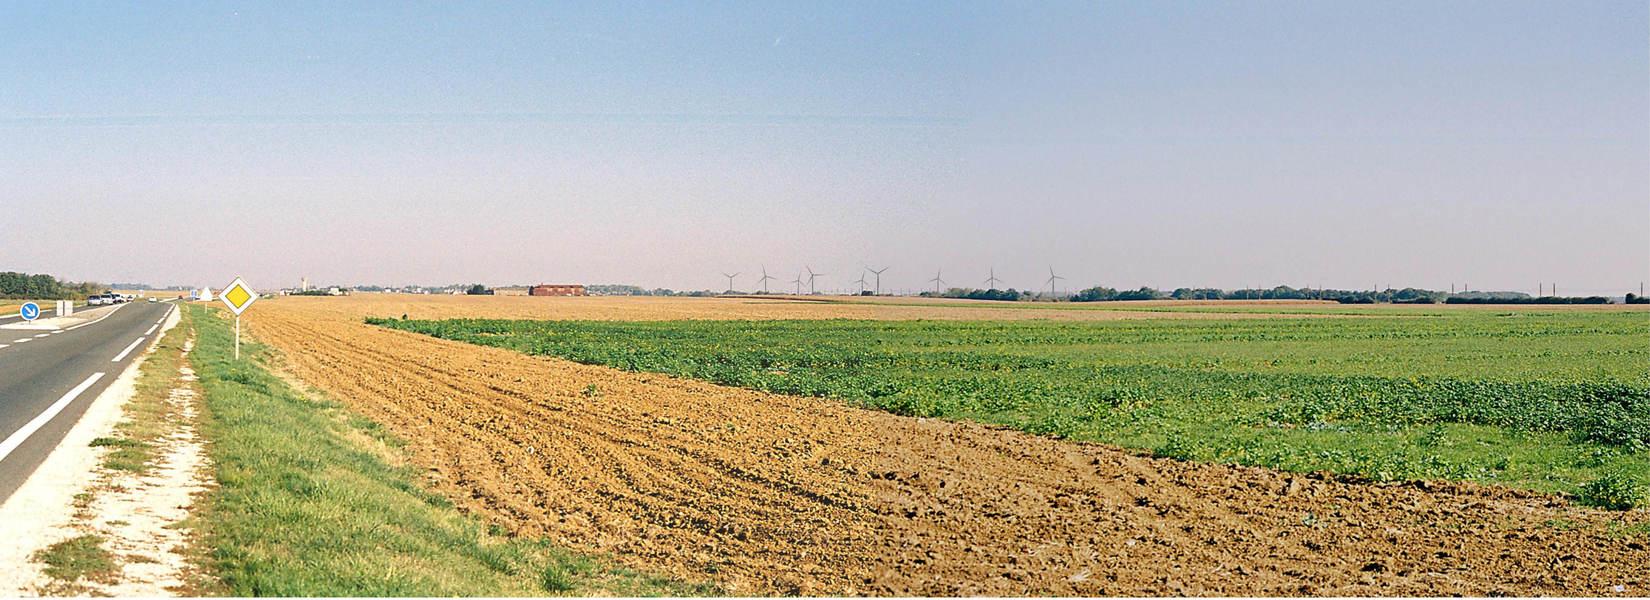 P691 baniere valorem angerville